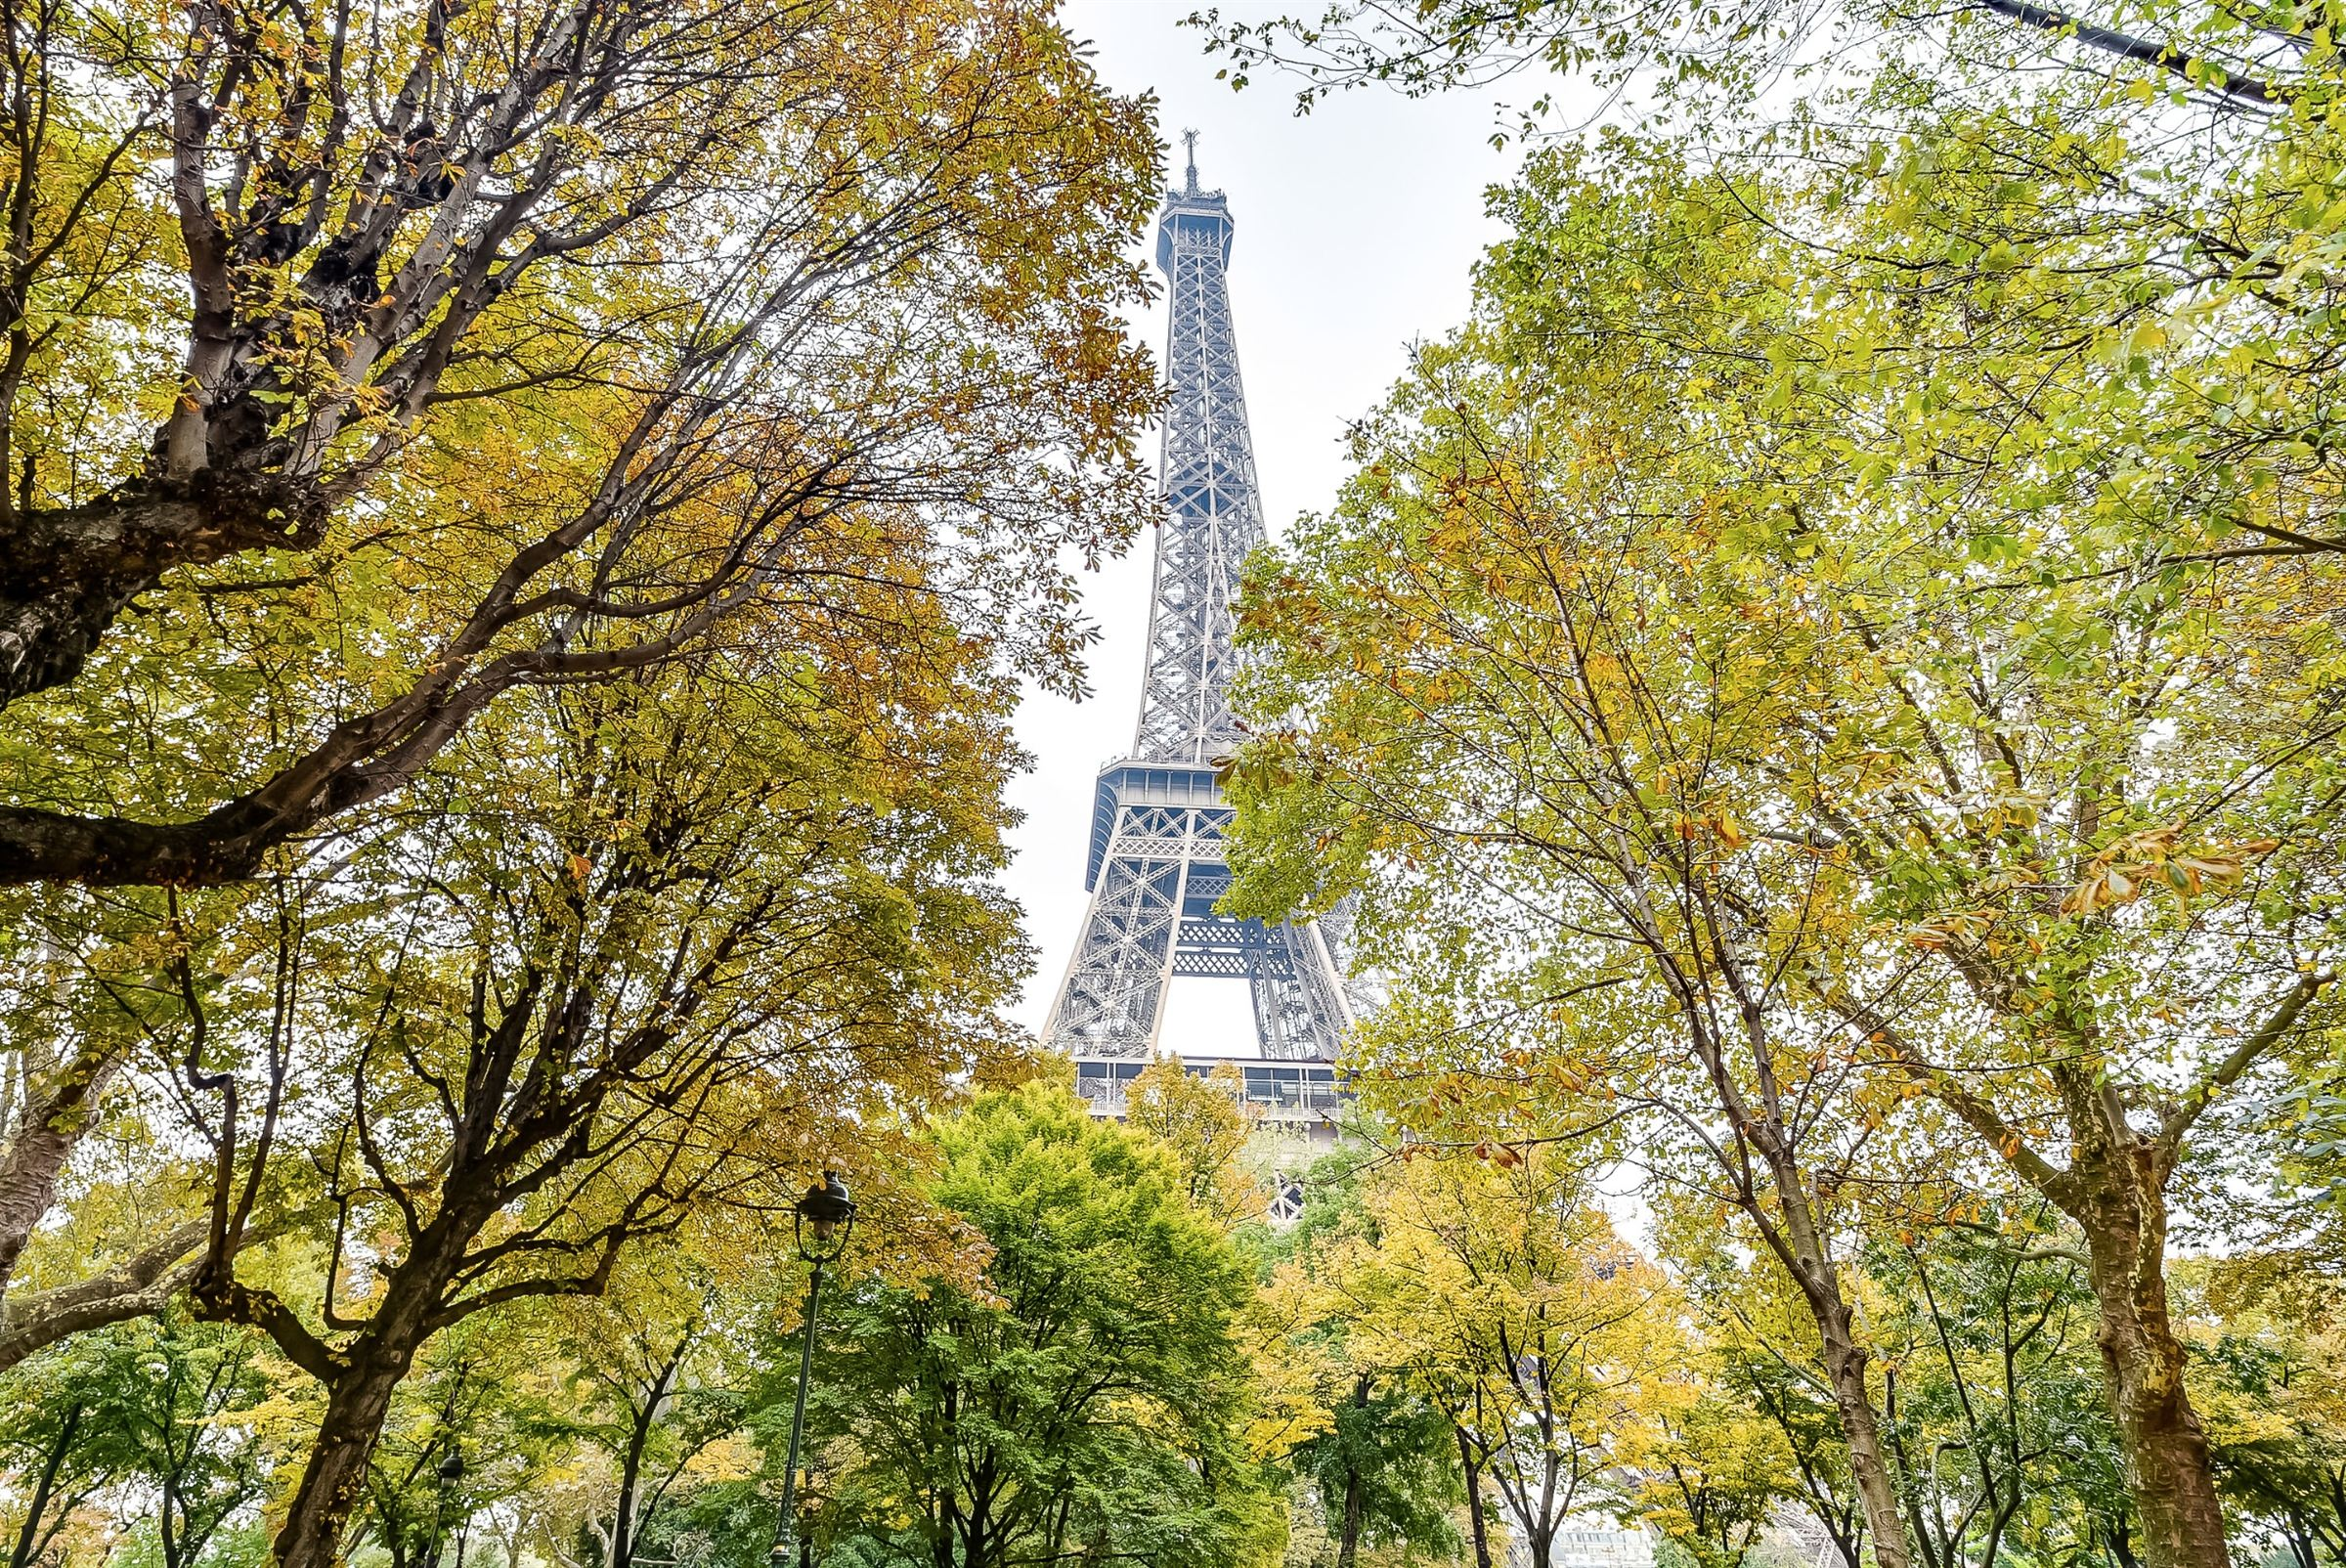 Property For Sale at Paris 7 - Champ de Mars. Apartment. Eiffel Tower view.